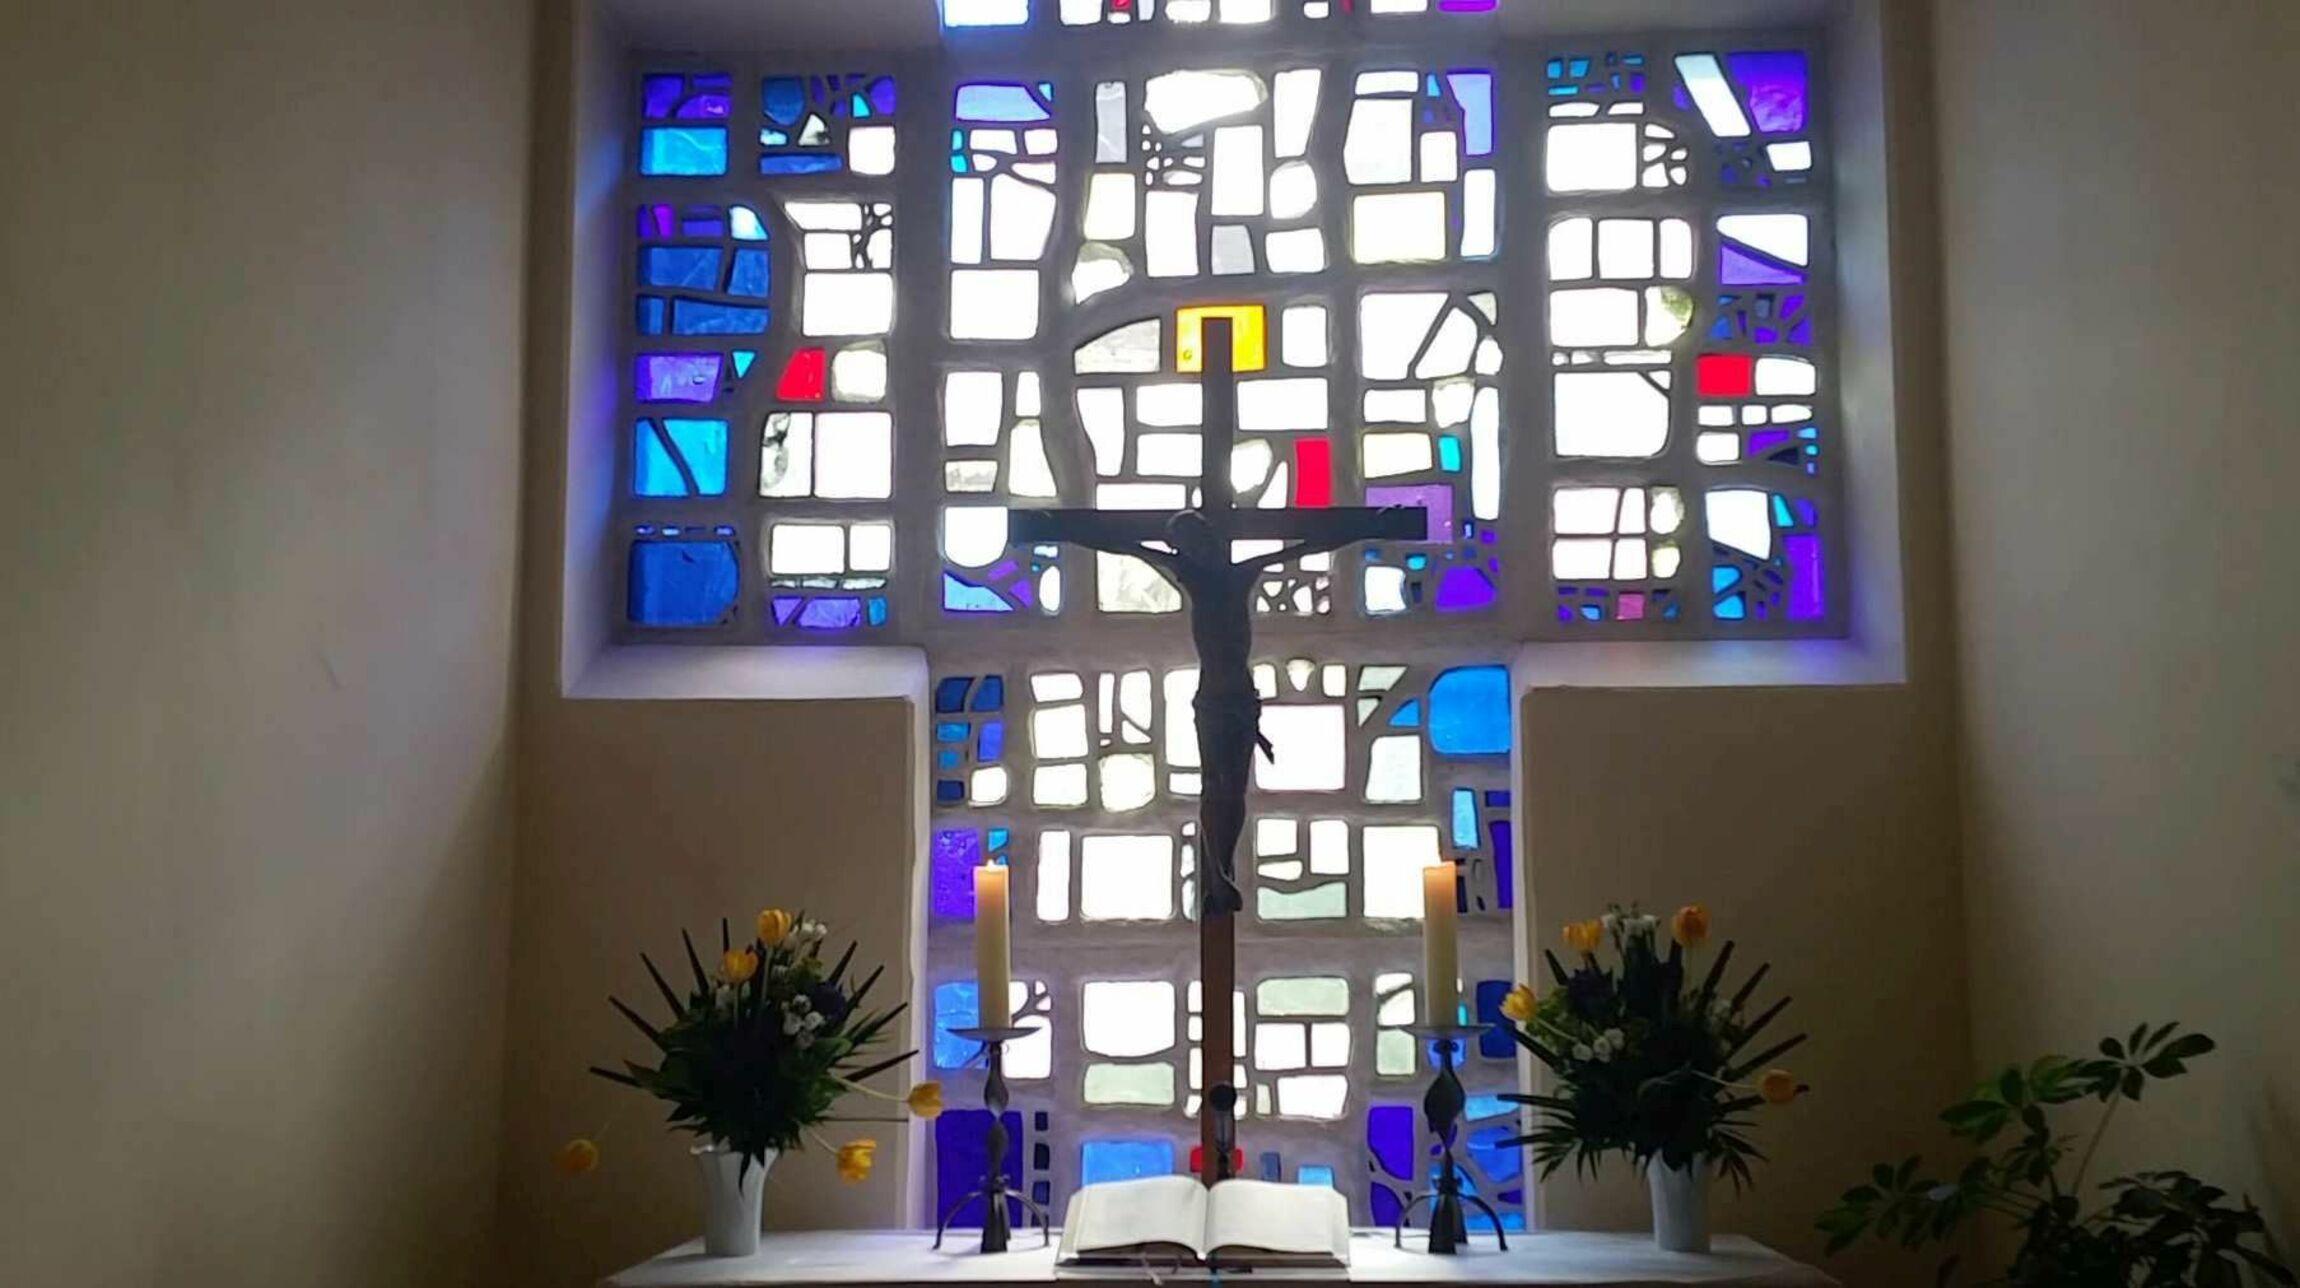 Die Online-Andacht zum Frauensonntag lebt von Beiträgen der Ehrenamtlichen aus vielen Orten der Landeskirche. Bild: Cornelia Renders.